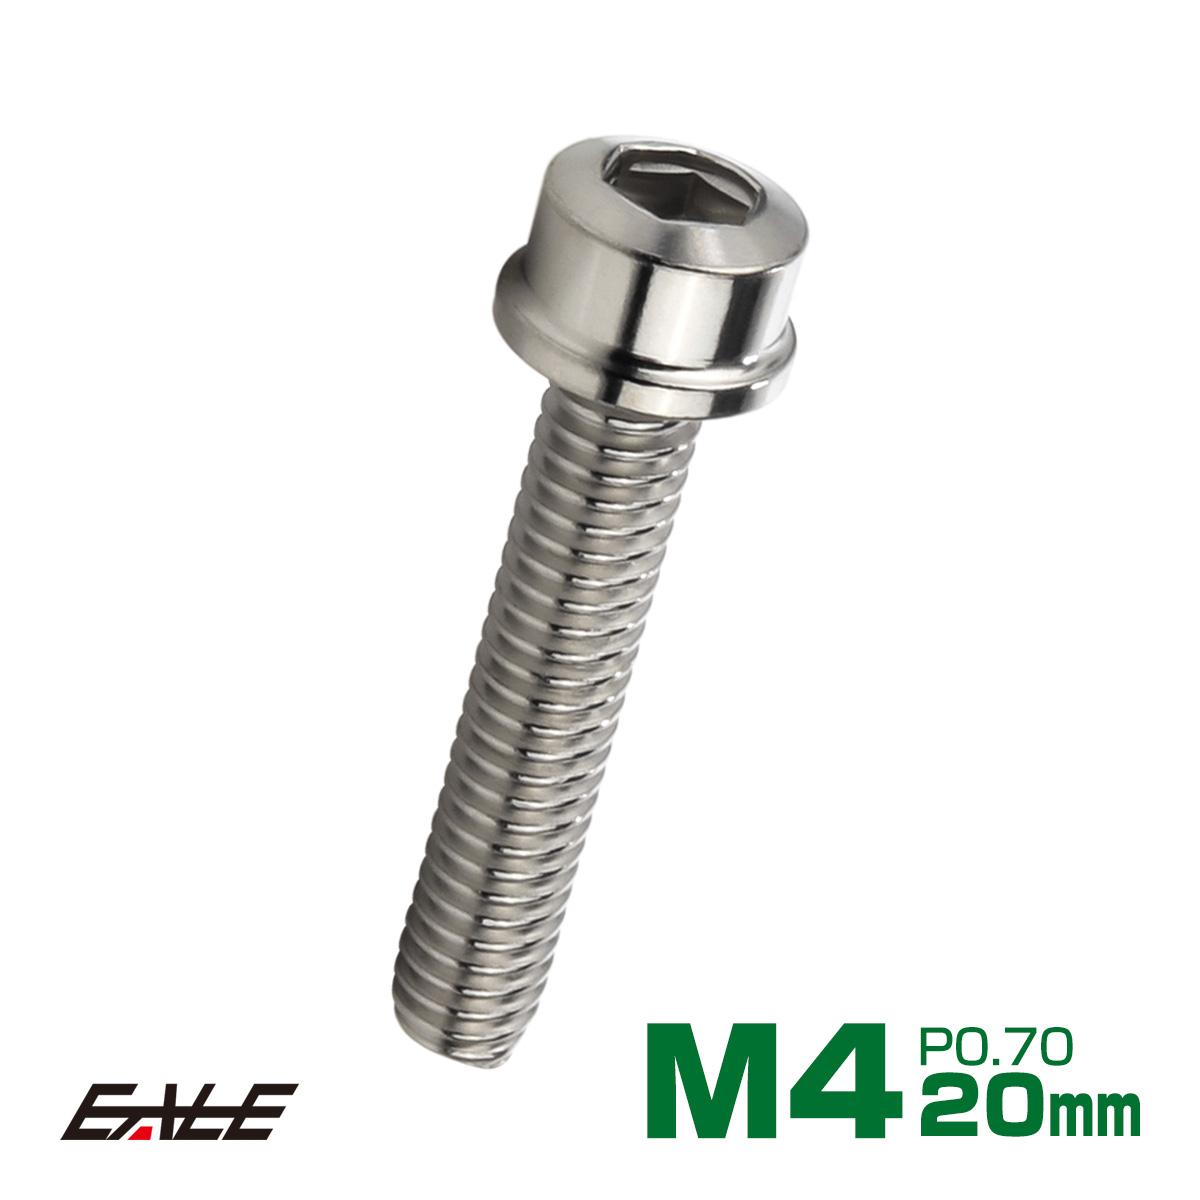 SUS304 キャップボルト M4×20mm P0.7 六角穴付きボルト スリムヘッド シルバー ステンレス製 TB0180